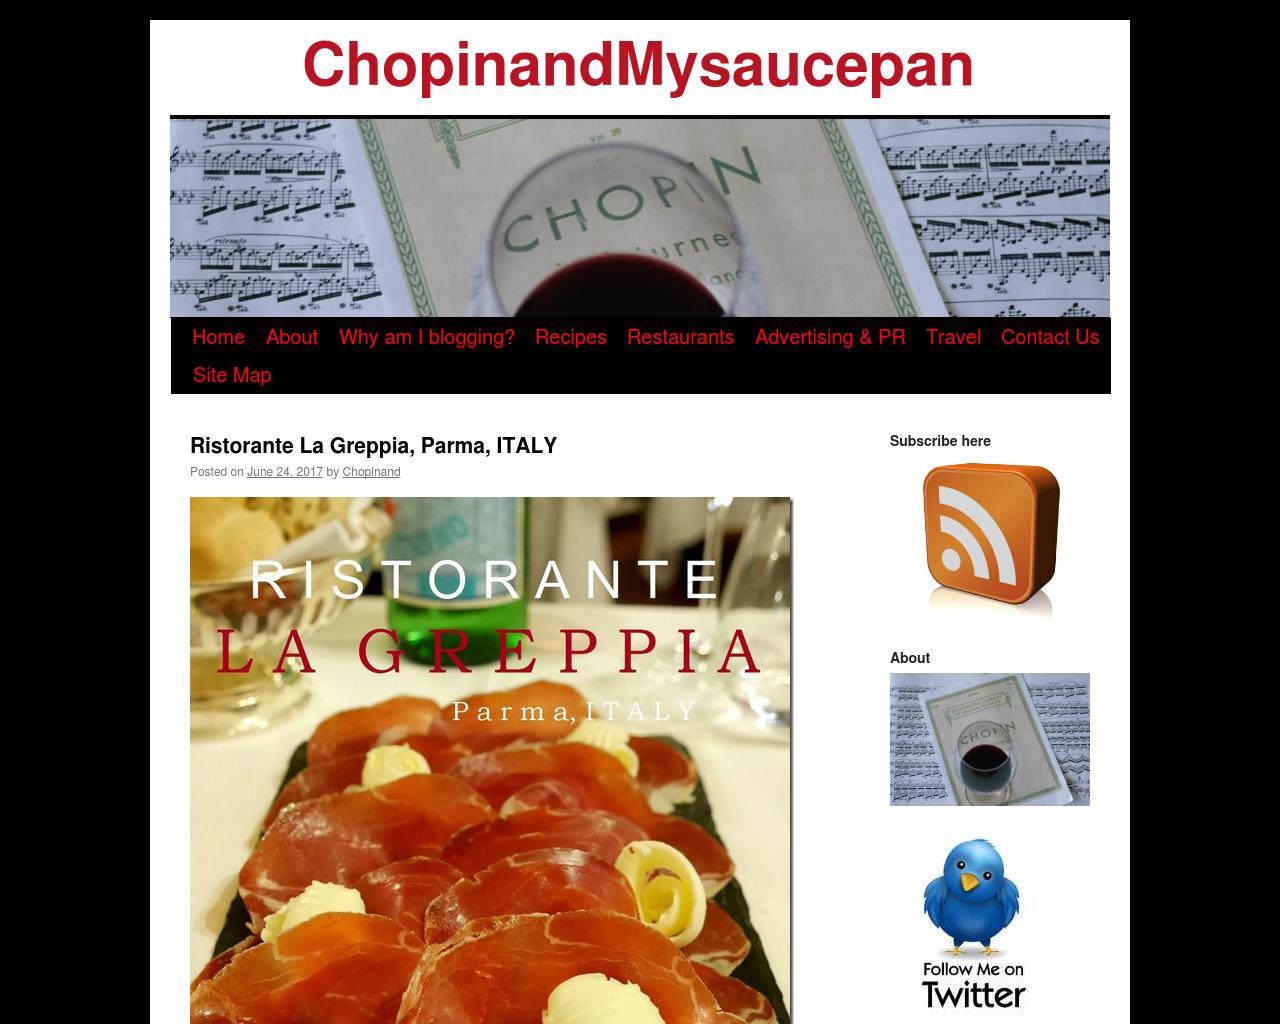 Chopinandmysaucepan.com-Advertising-Reviews-Pricing